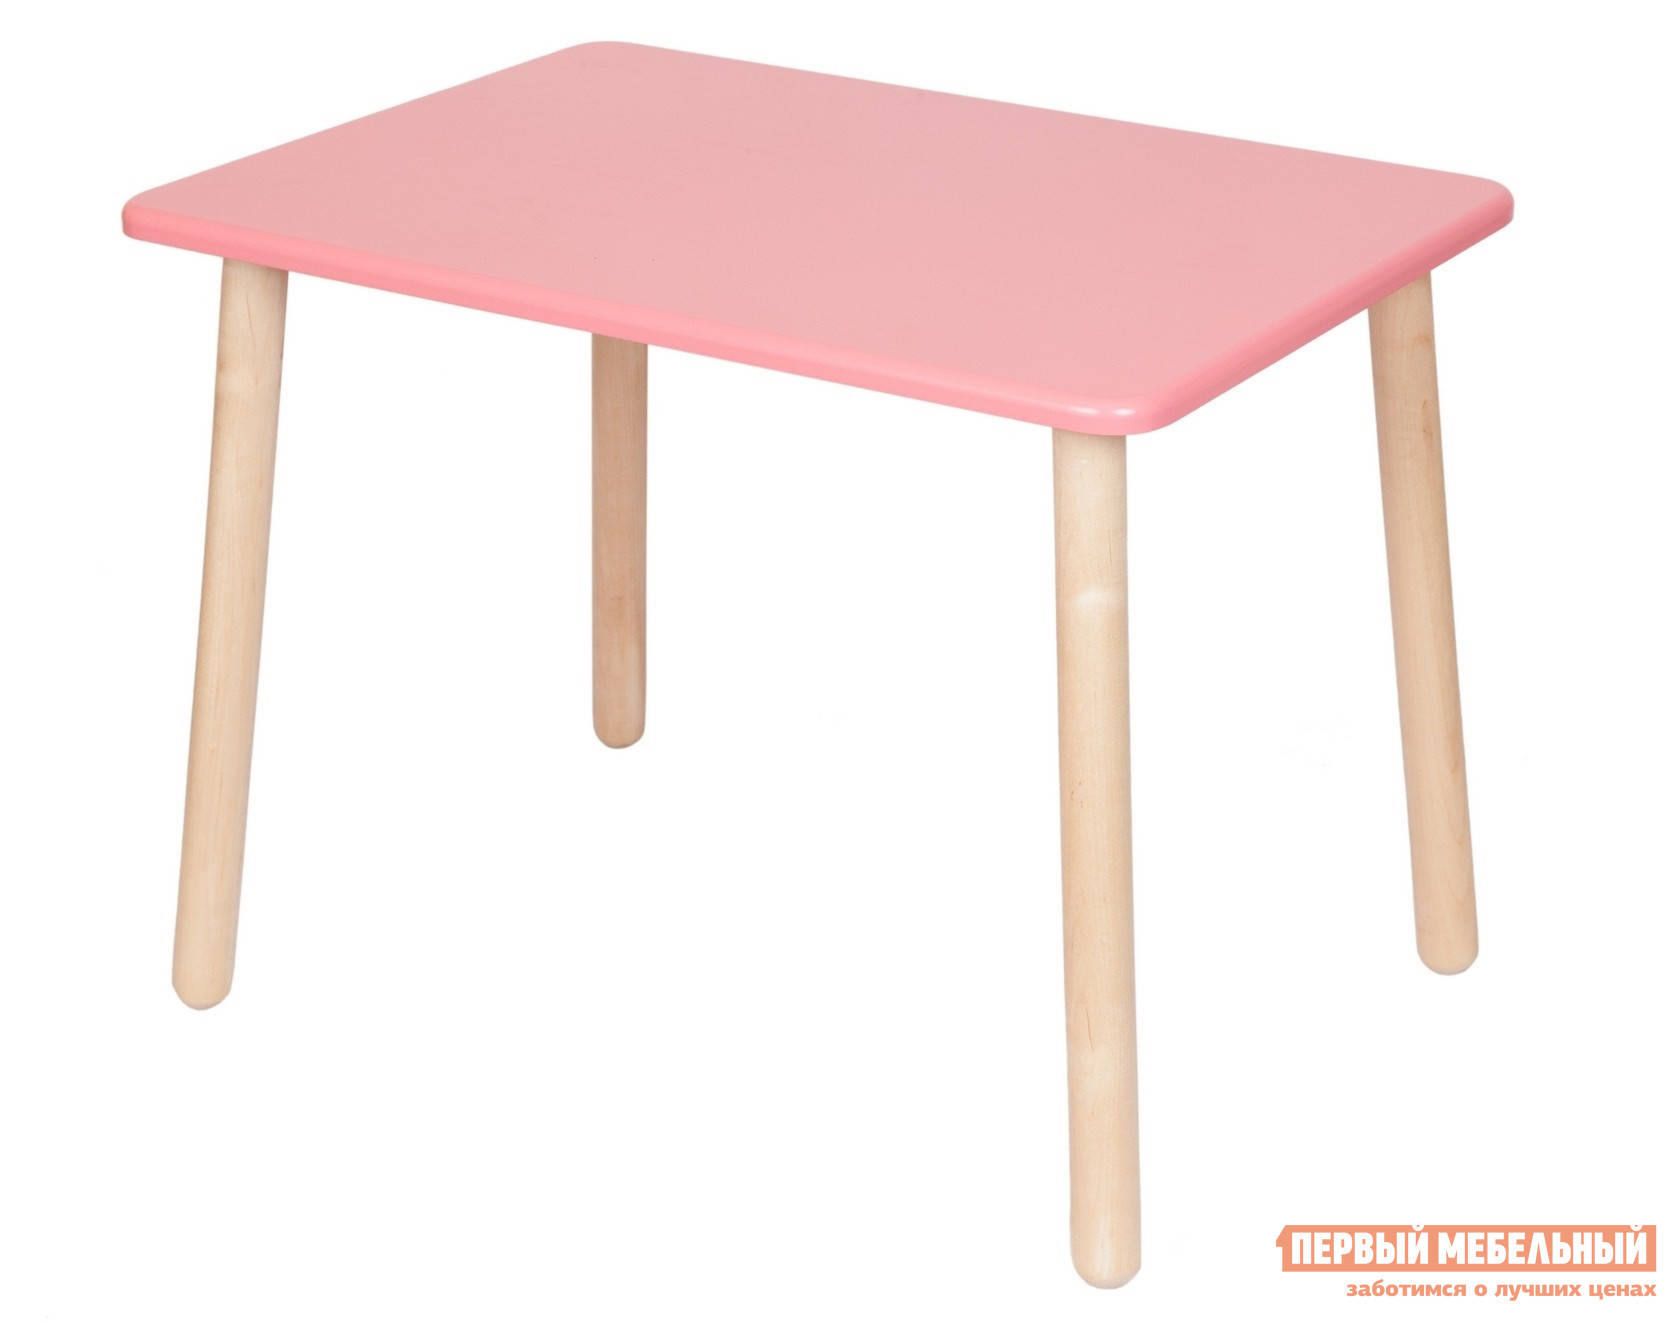 Столик и стульчик РусЭкоМебель Стол Большой 70*50 ЭКО Эко розовый